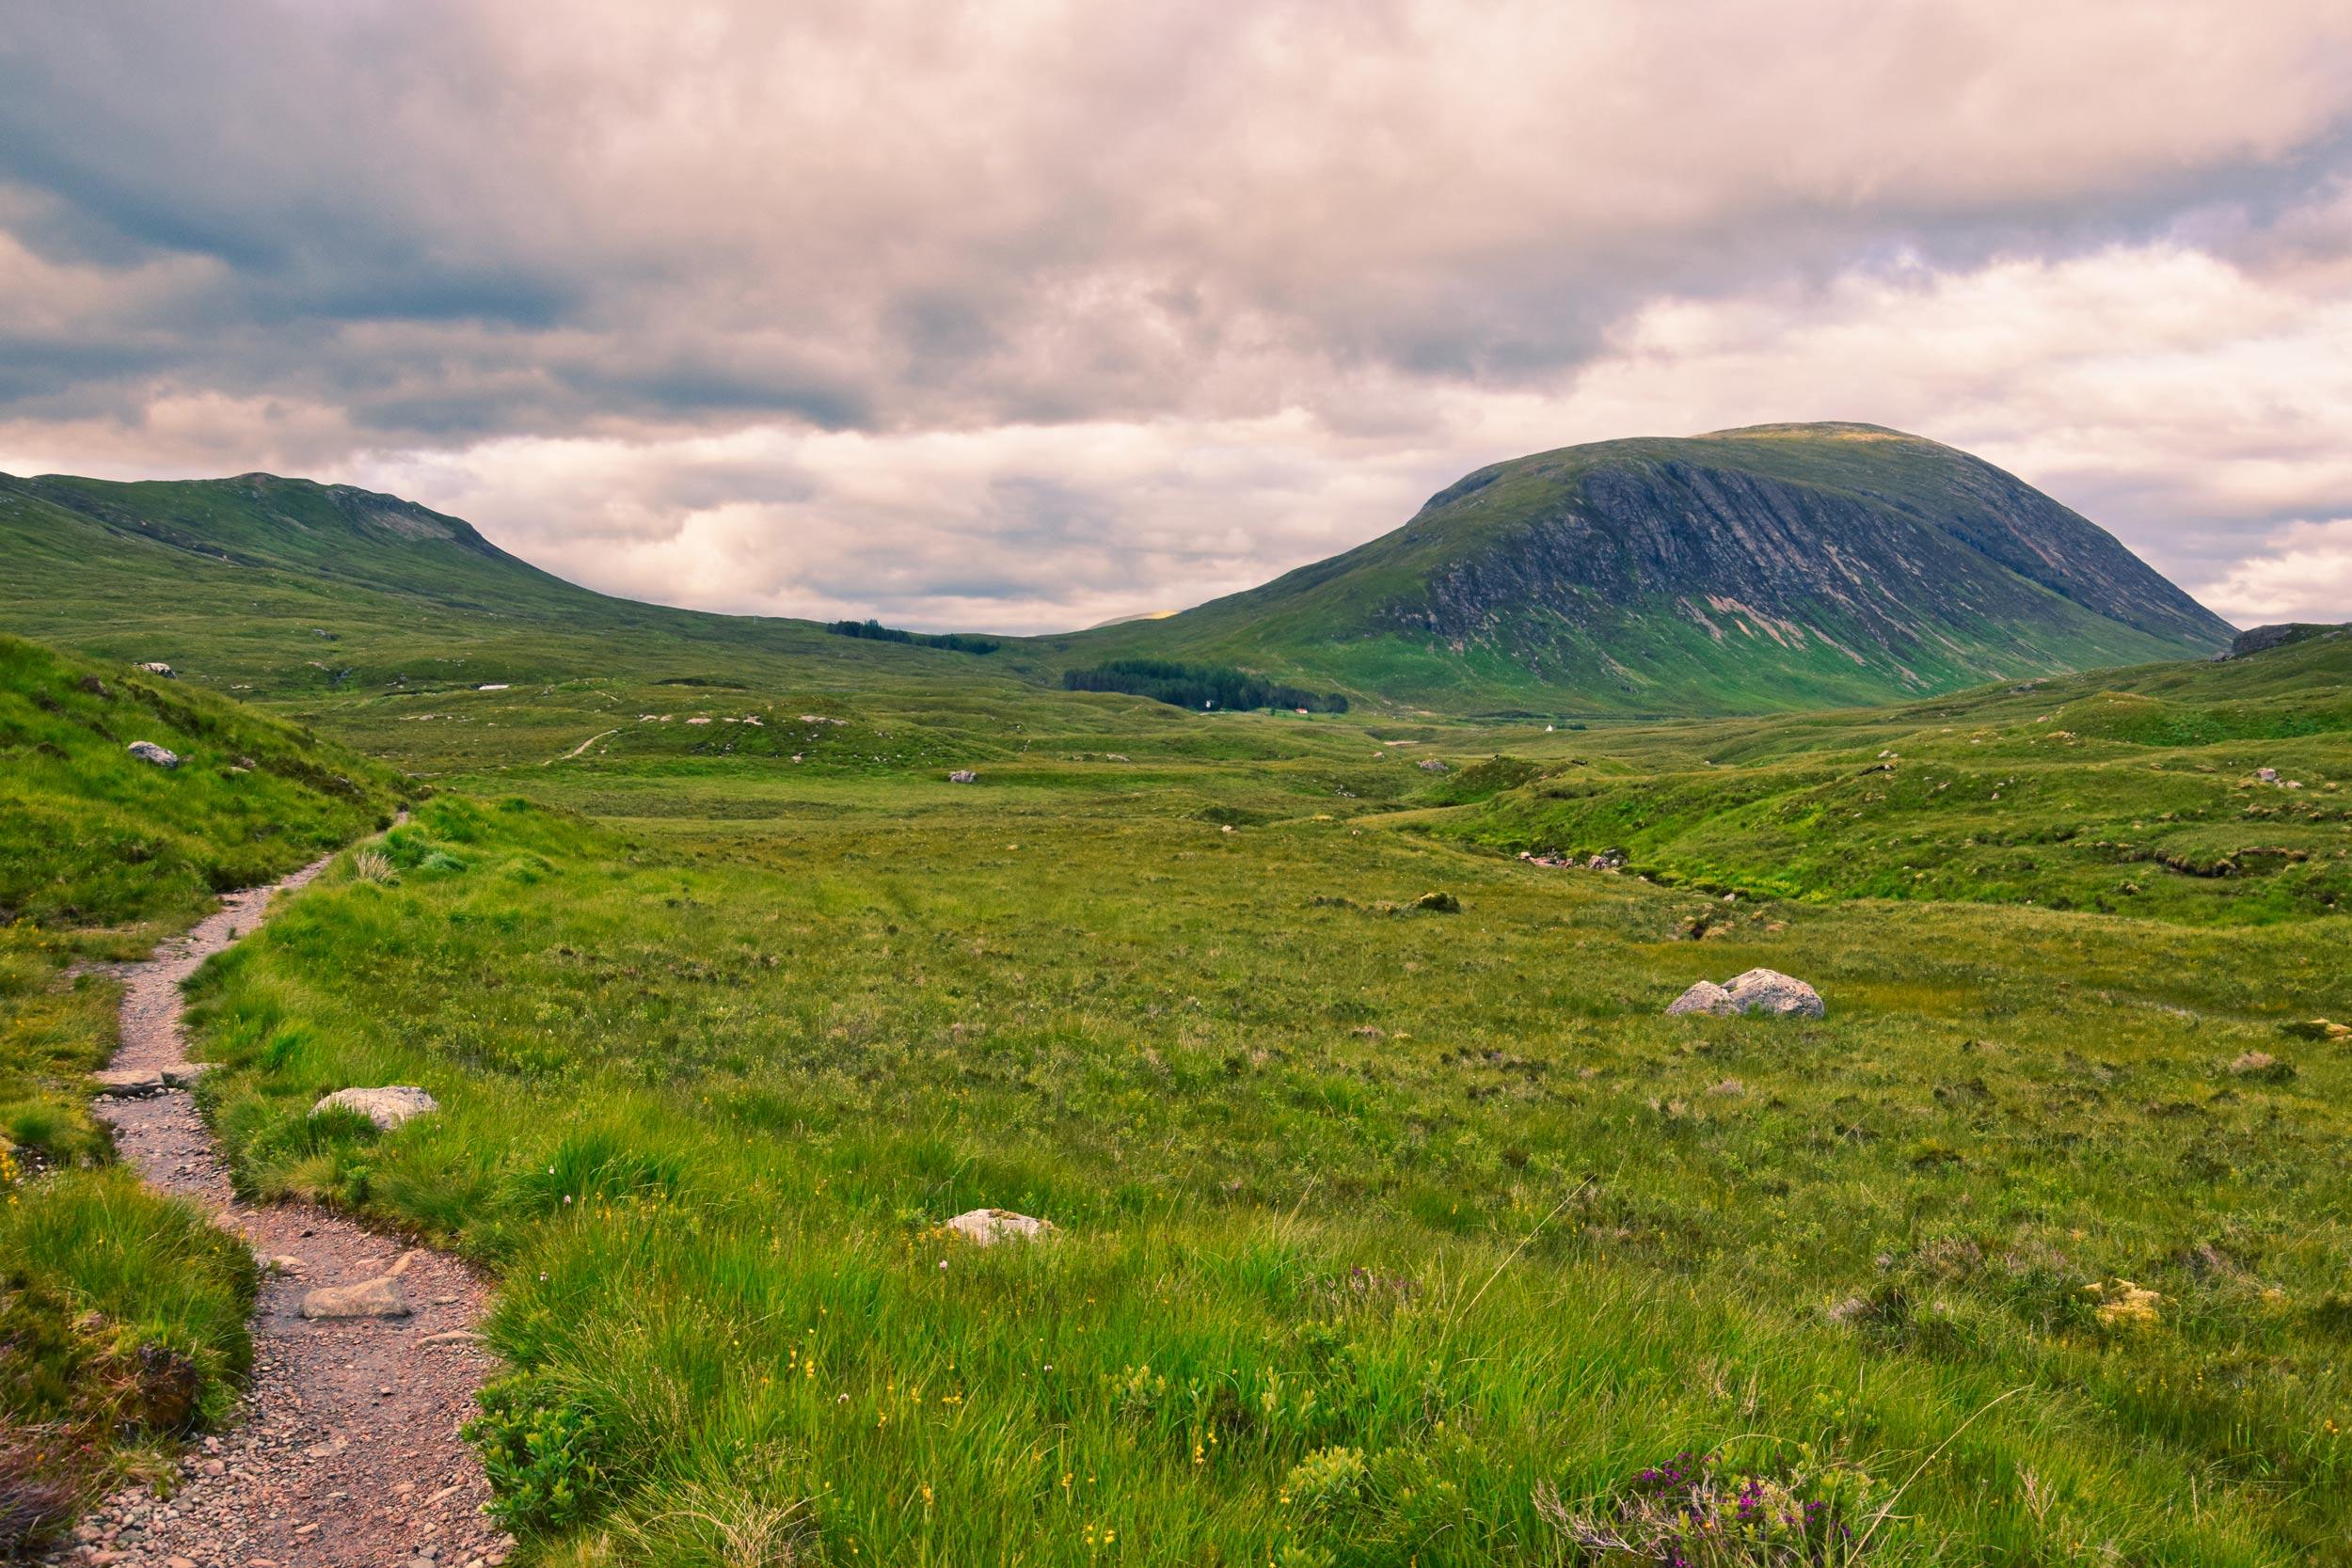 Ścieżka przez Rannoch Moor, Szkocja, UK